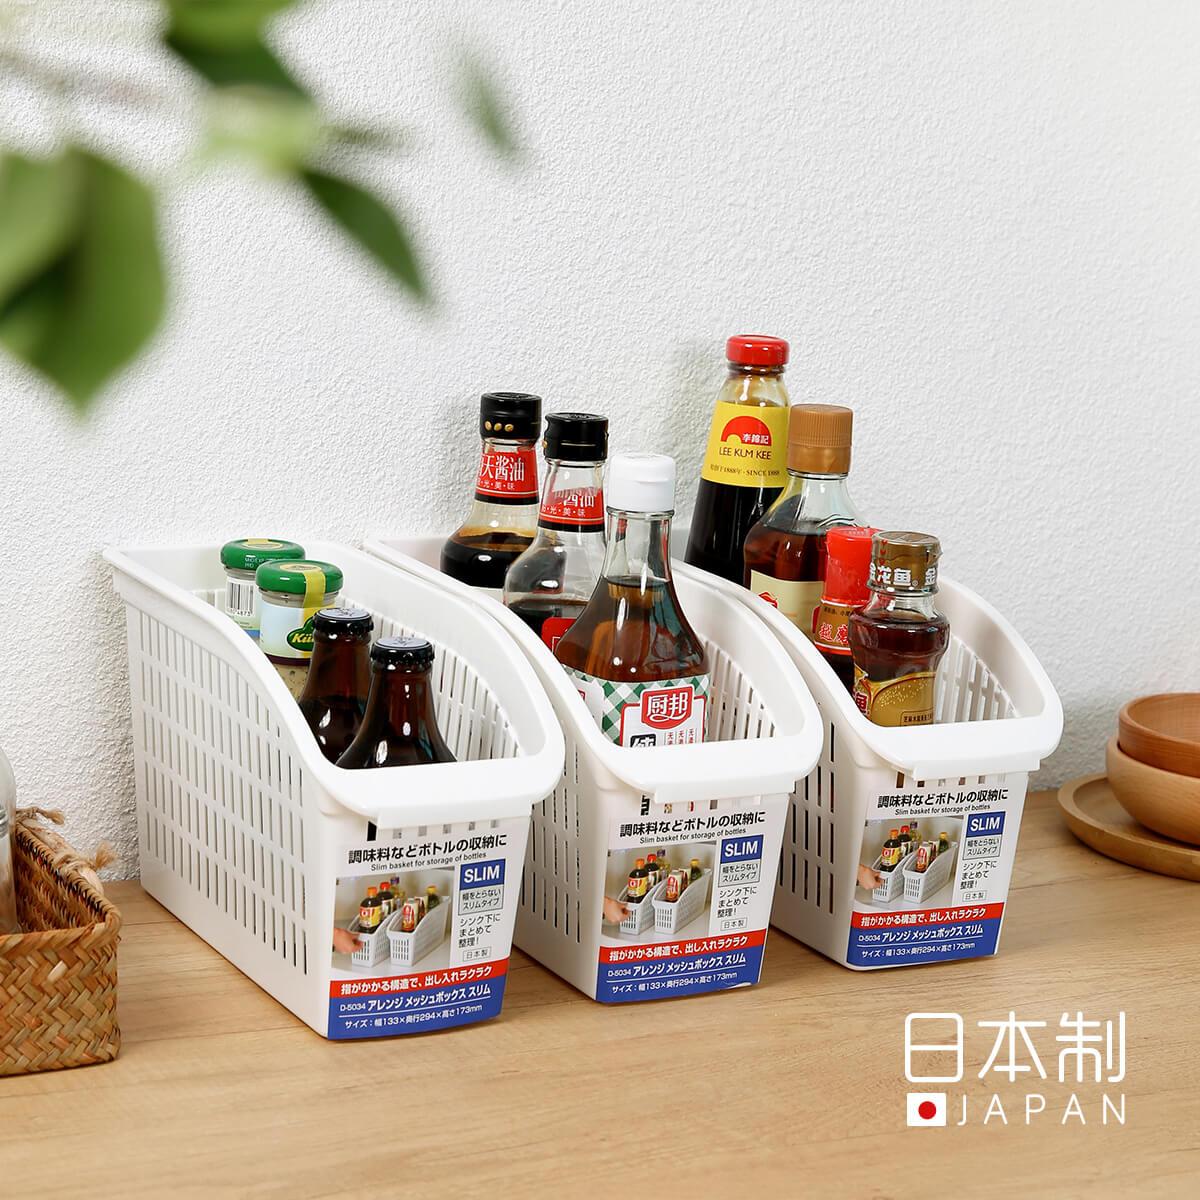 日本進口家用塑料調味瓶收納籃櫥櫃零食收納框多用途儲物籃收納盒